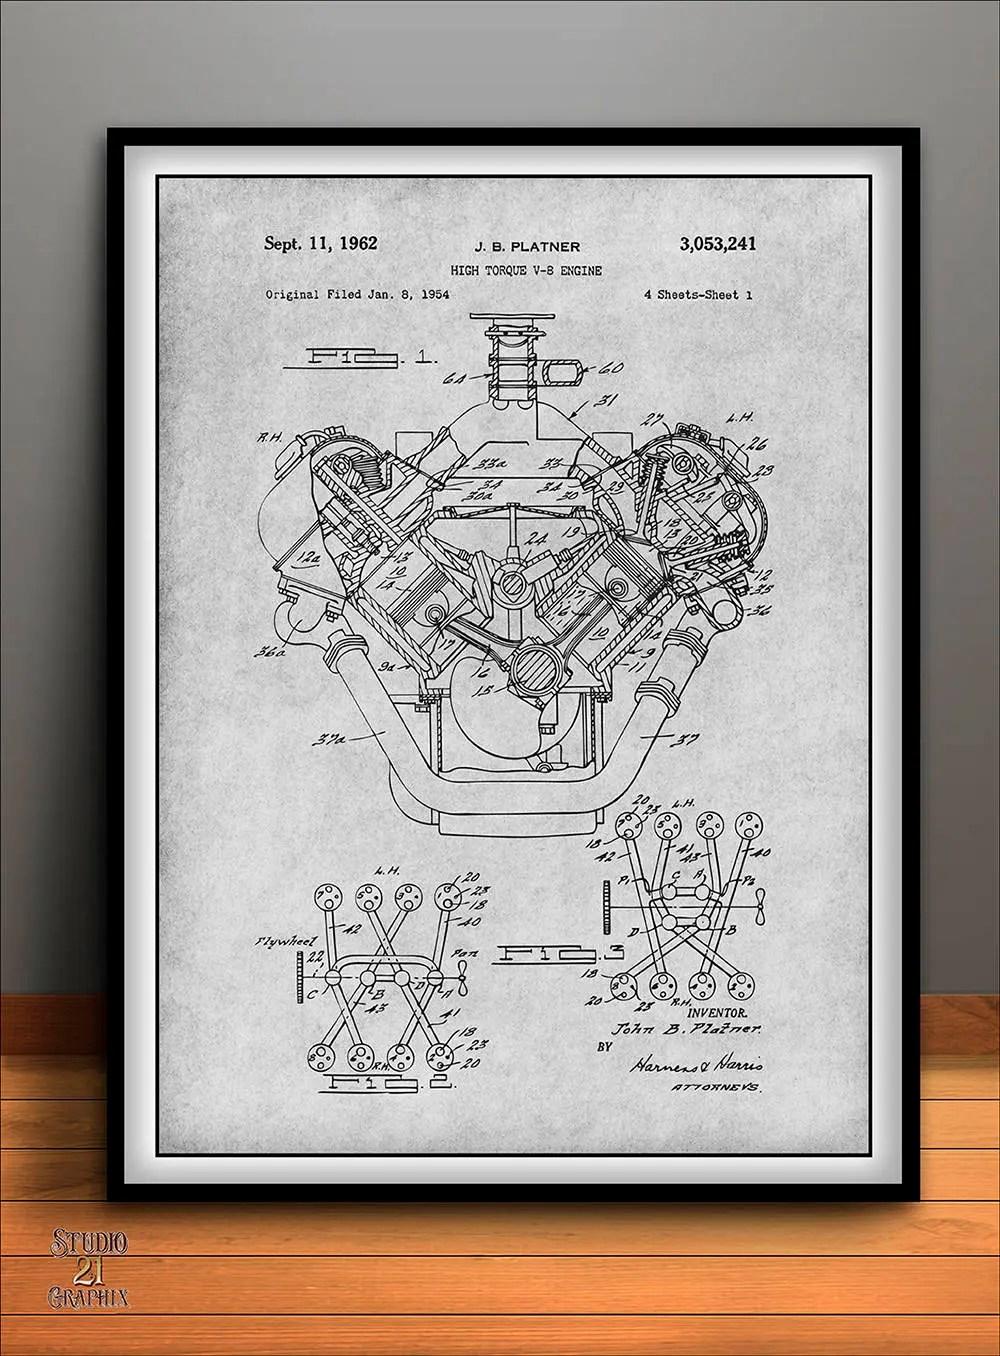 medium resolution of  1954 chrysler 426 hemi v8 engine poster patent art print gift image 1